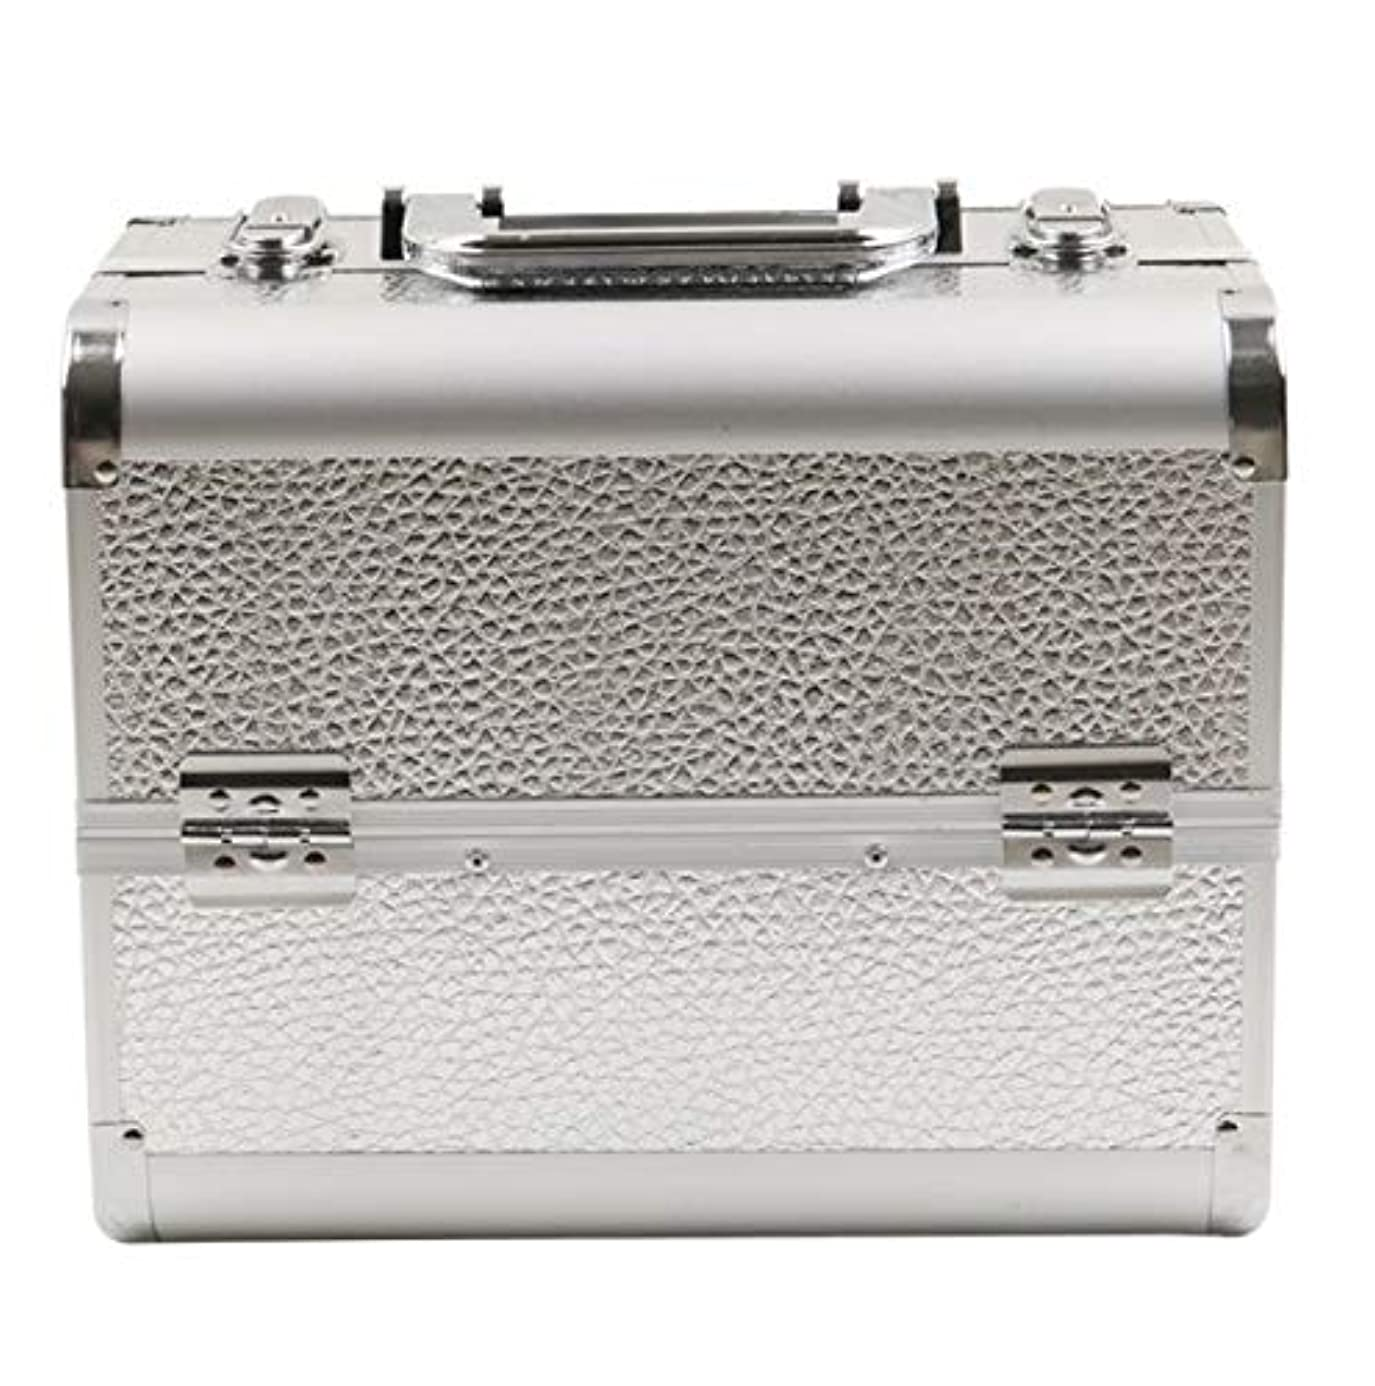 荒涼とした窒素マザーランド化粧品ケース、シルバーアルミ多層化粧品バッグ、ポータブル旅行多機能化粧品ケース、美容ネイルジュエリー収納ボックス